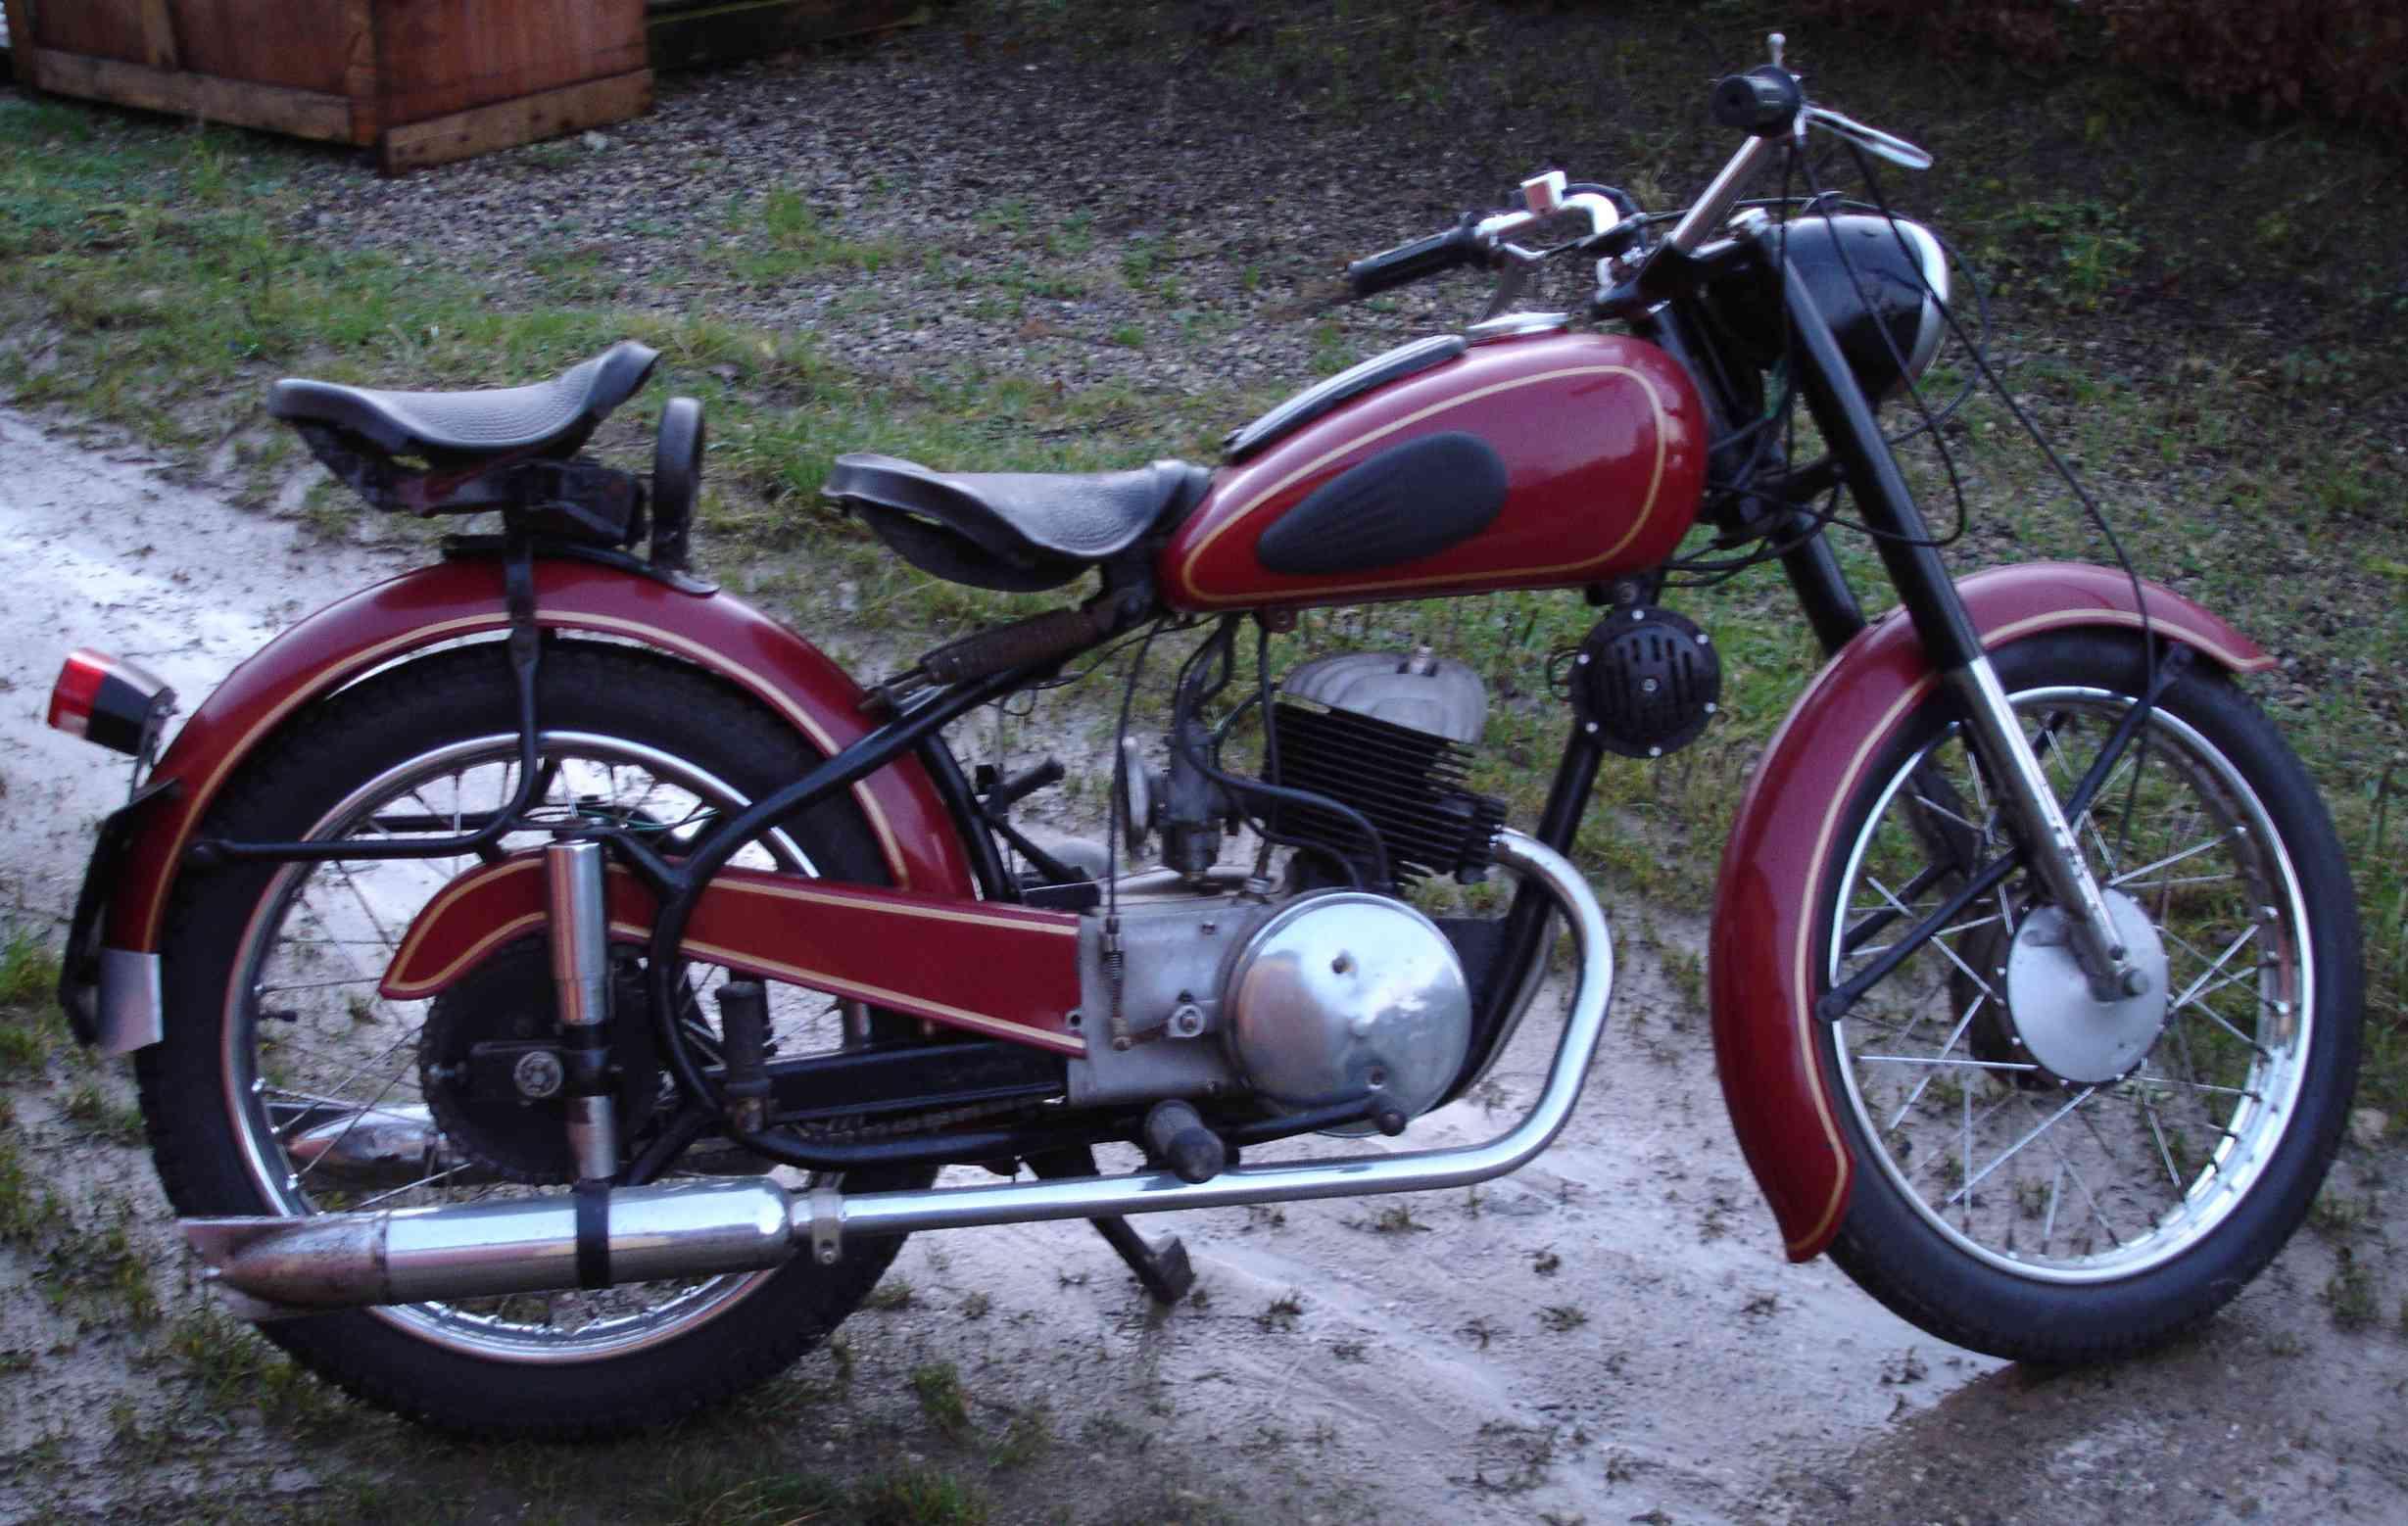 http://www.motorencyclopedie.nl/motorencyclopedie/sparta-sl250/1952.jpg